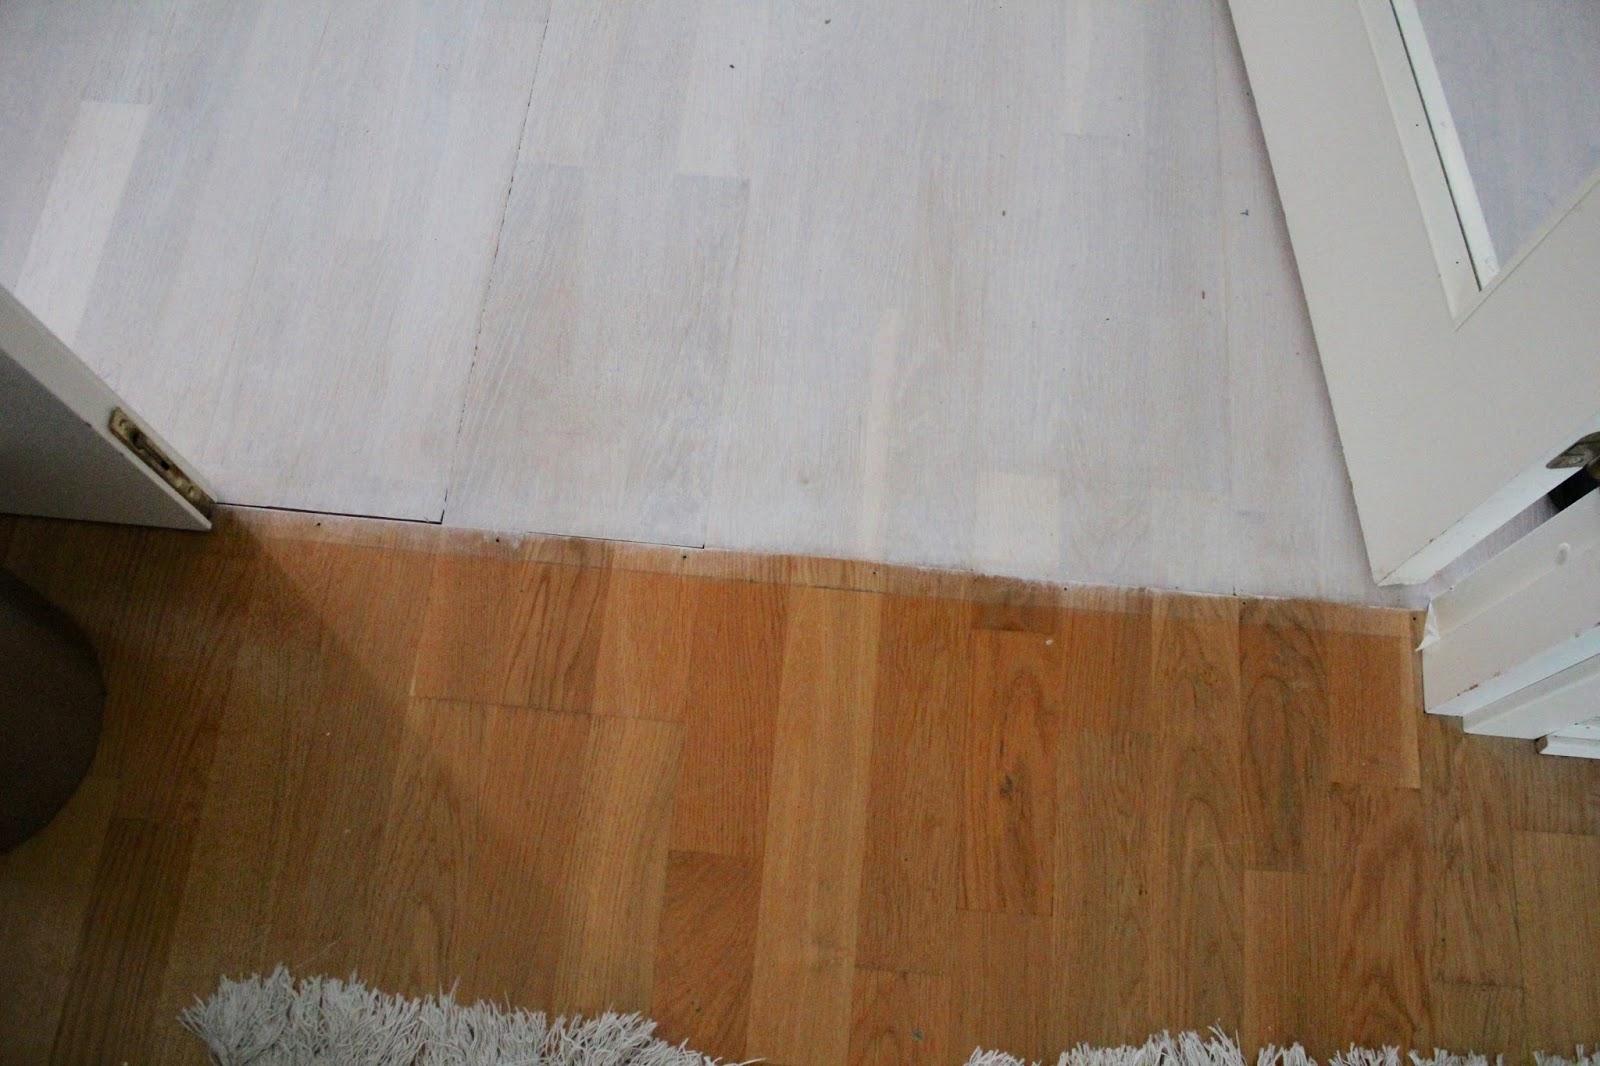 Funkynality: Vardagsrumsgolvet renoveras vithårdvaxoljas (vitlaseras)